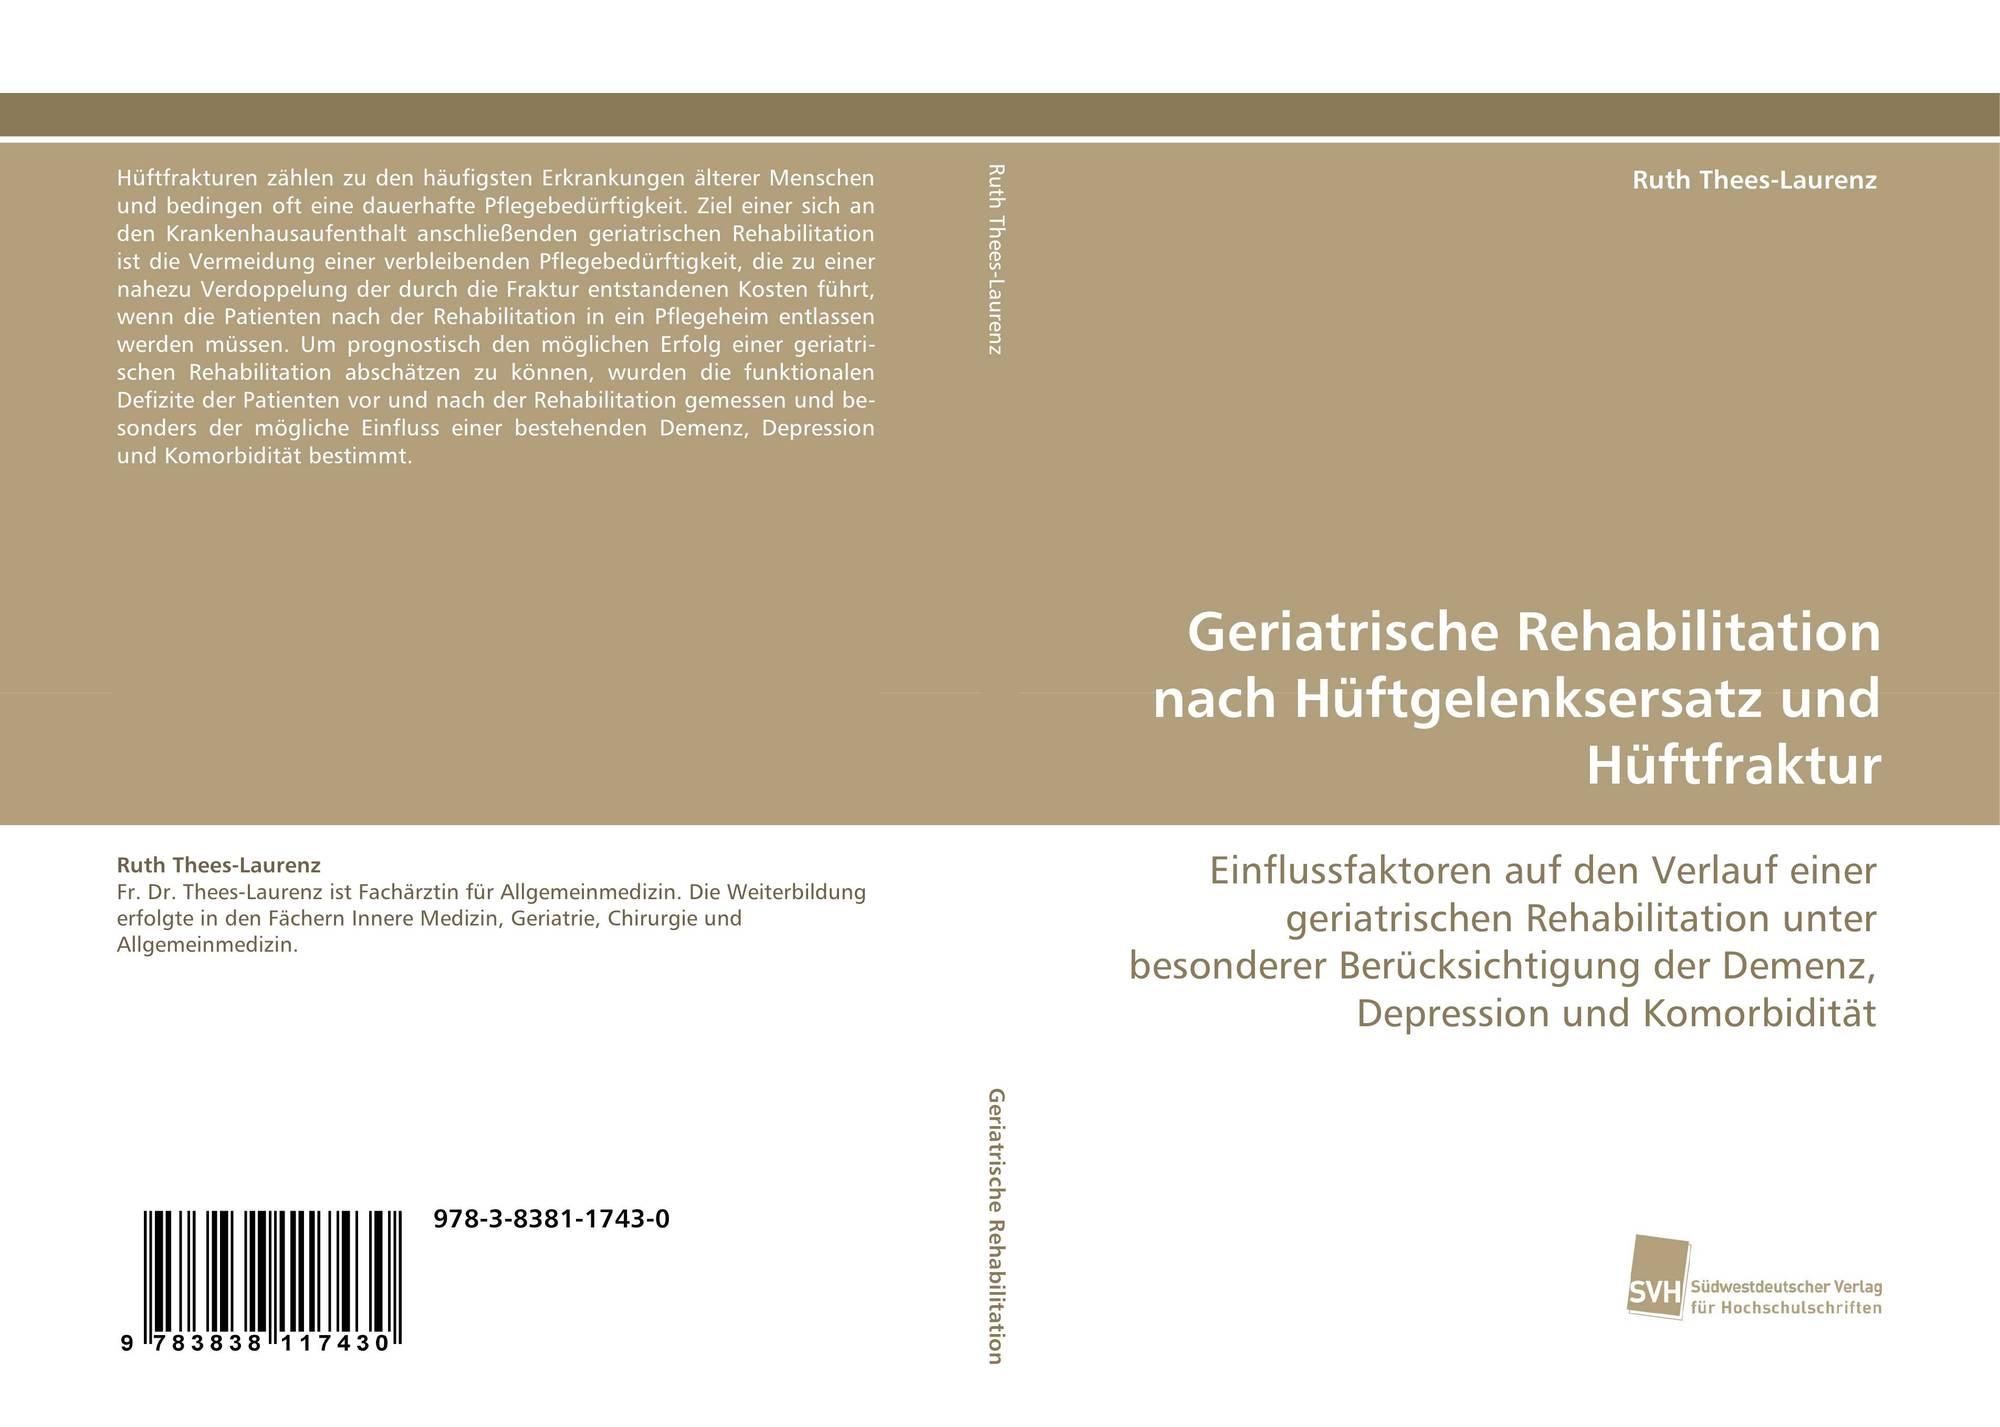 Geriatrische Rehabilitation nach Hüftgelenksersatz und Hüftfraktur ...